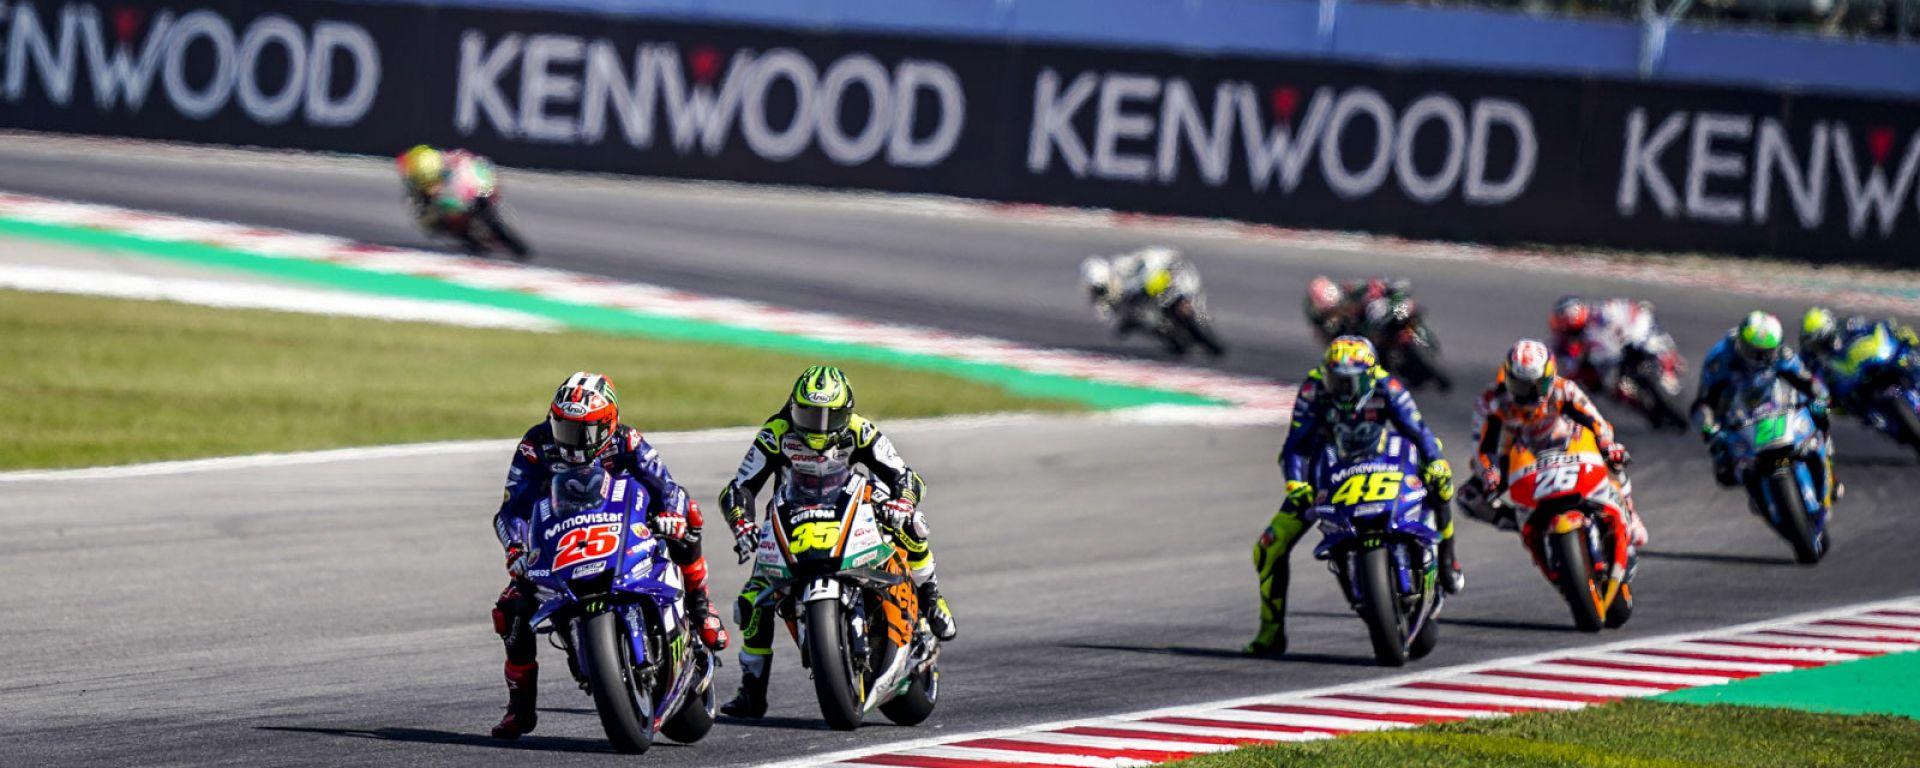 MotoGP Mugello: la nostra esperienza con Kenwood